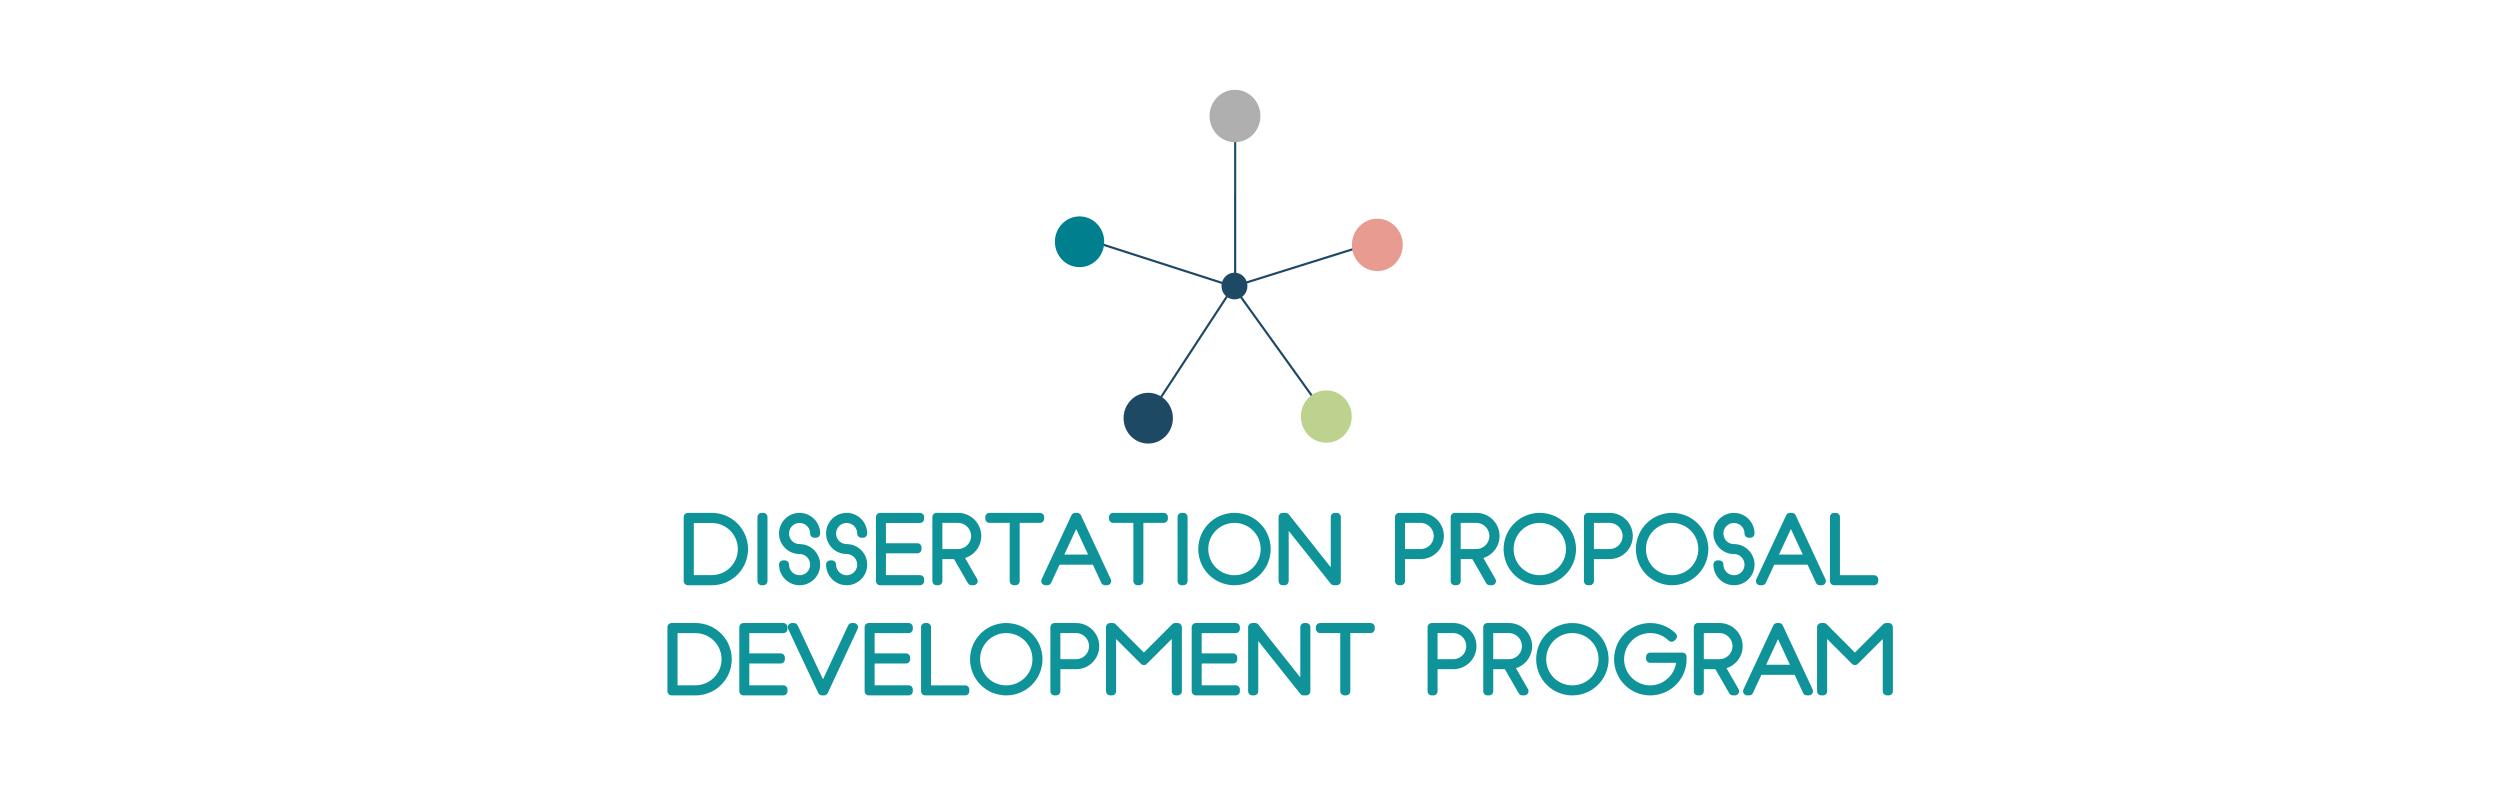 DPD program banner